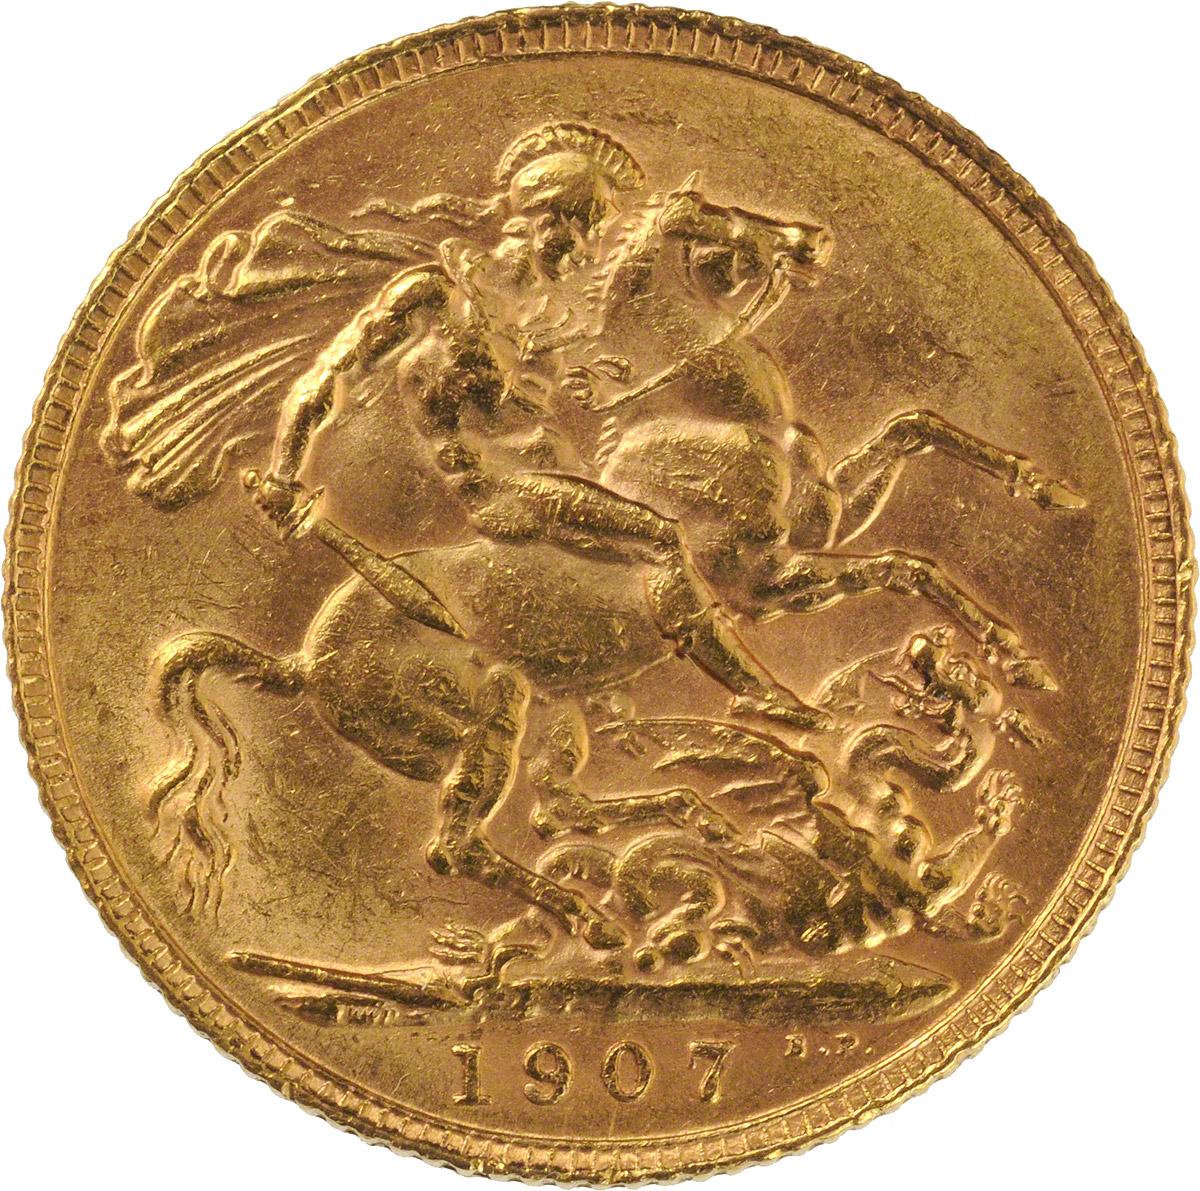 1907 Εδουάρδος Ζ' (Νομισματοκοπείο Λονδίνου)